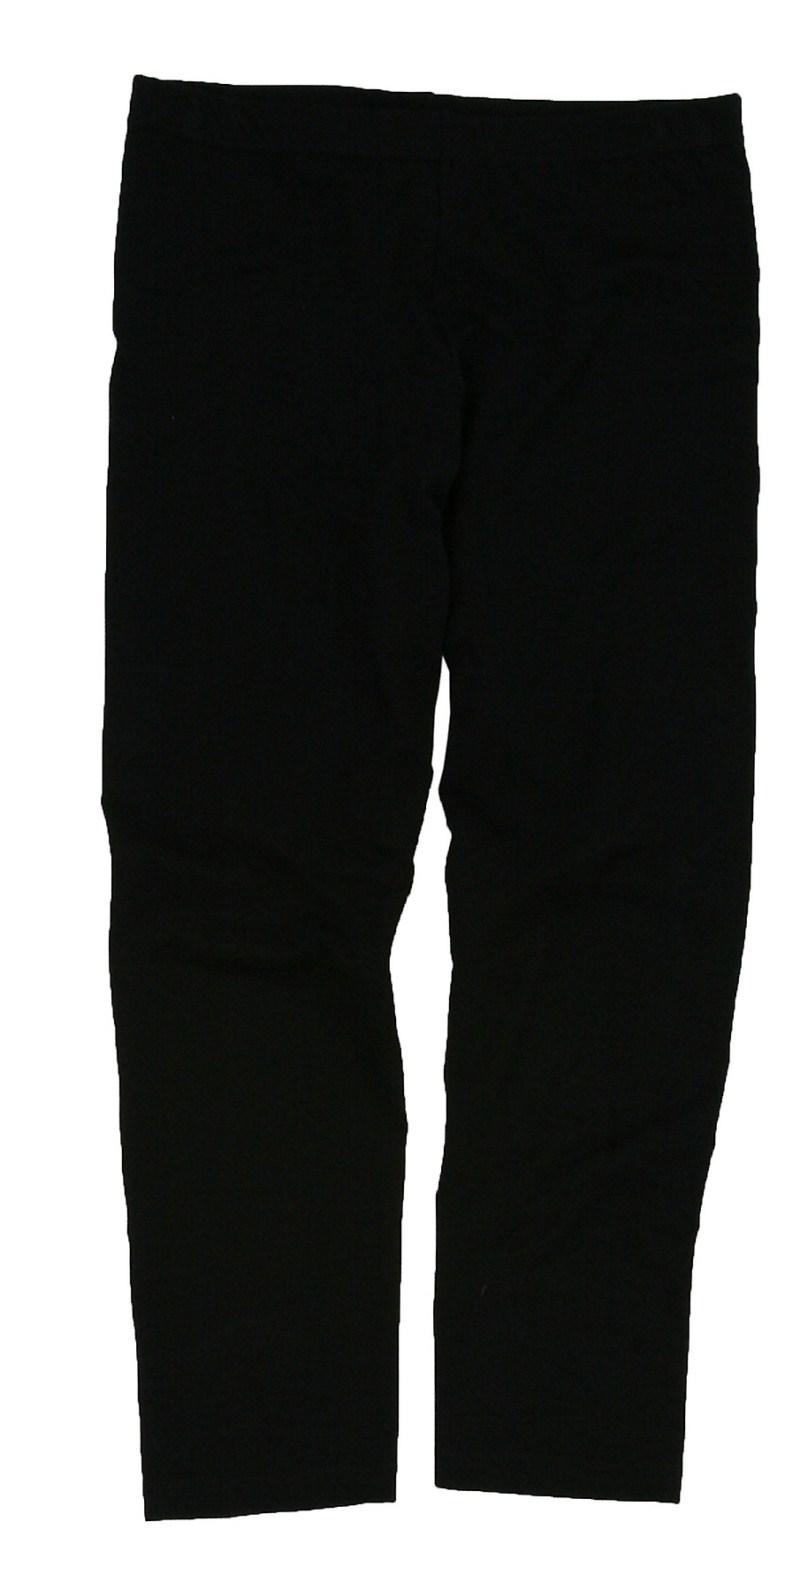 czarne spodnie Bialcon - letnia kolekcja